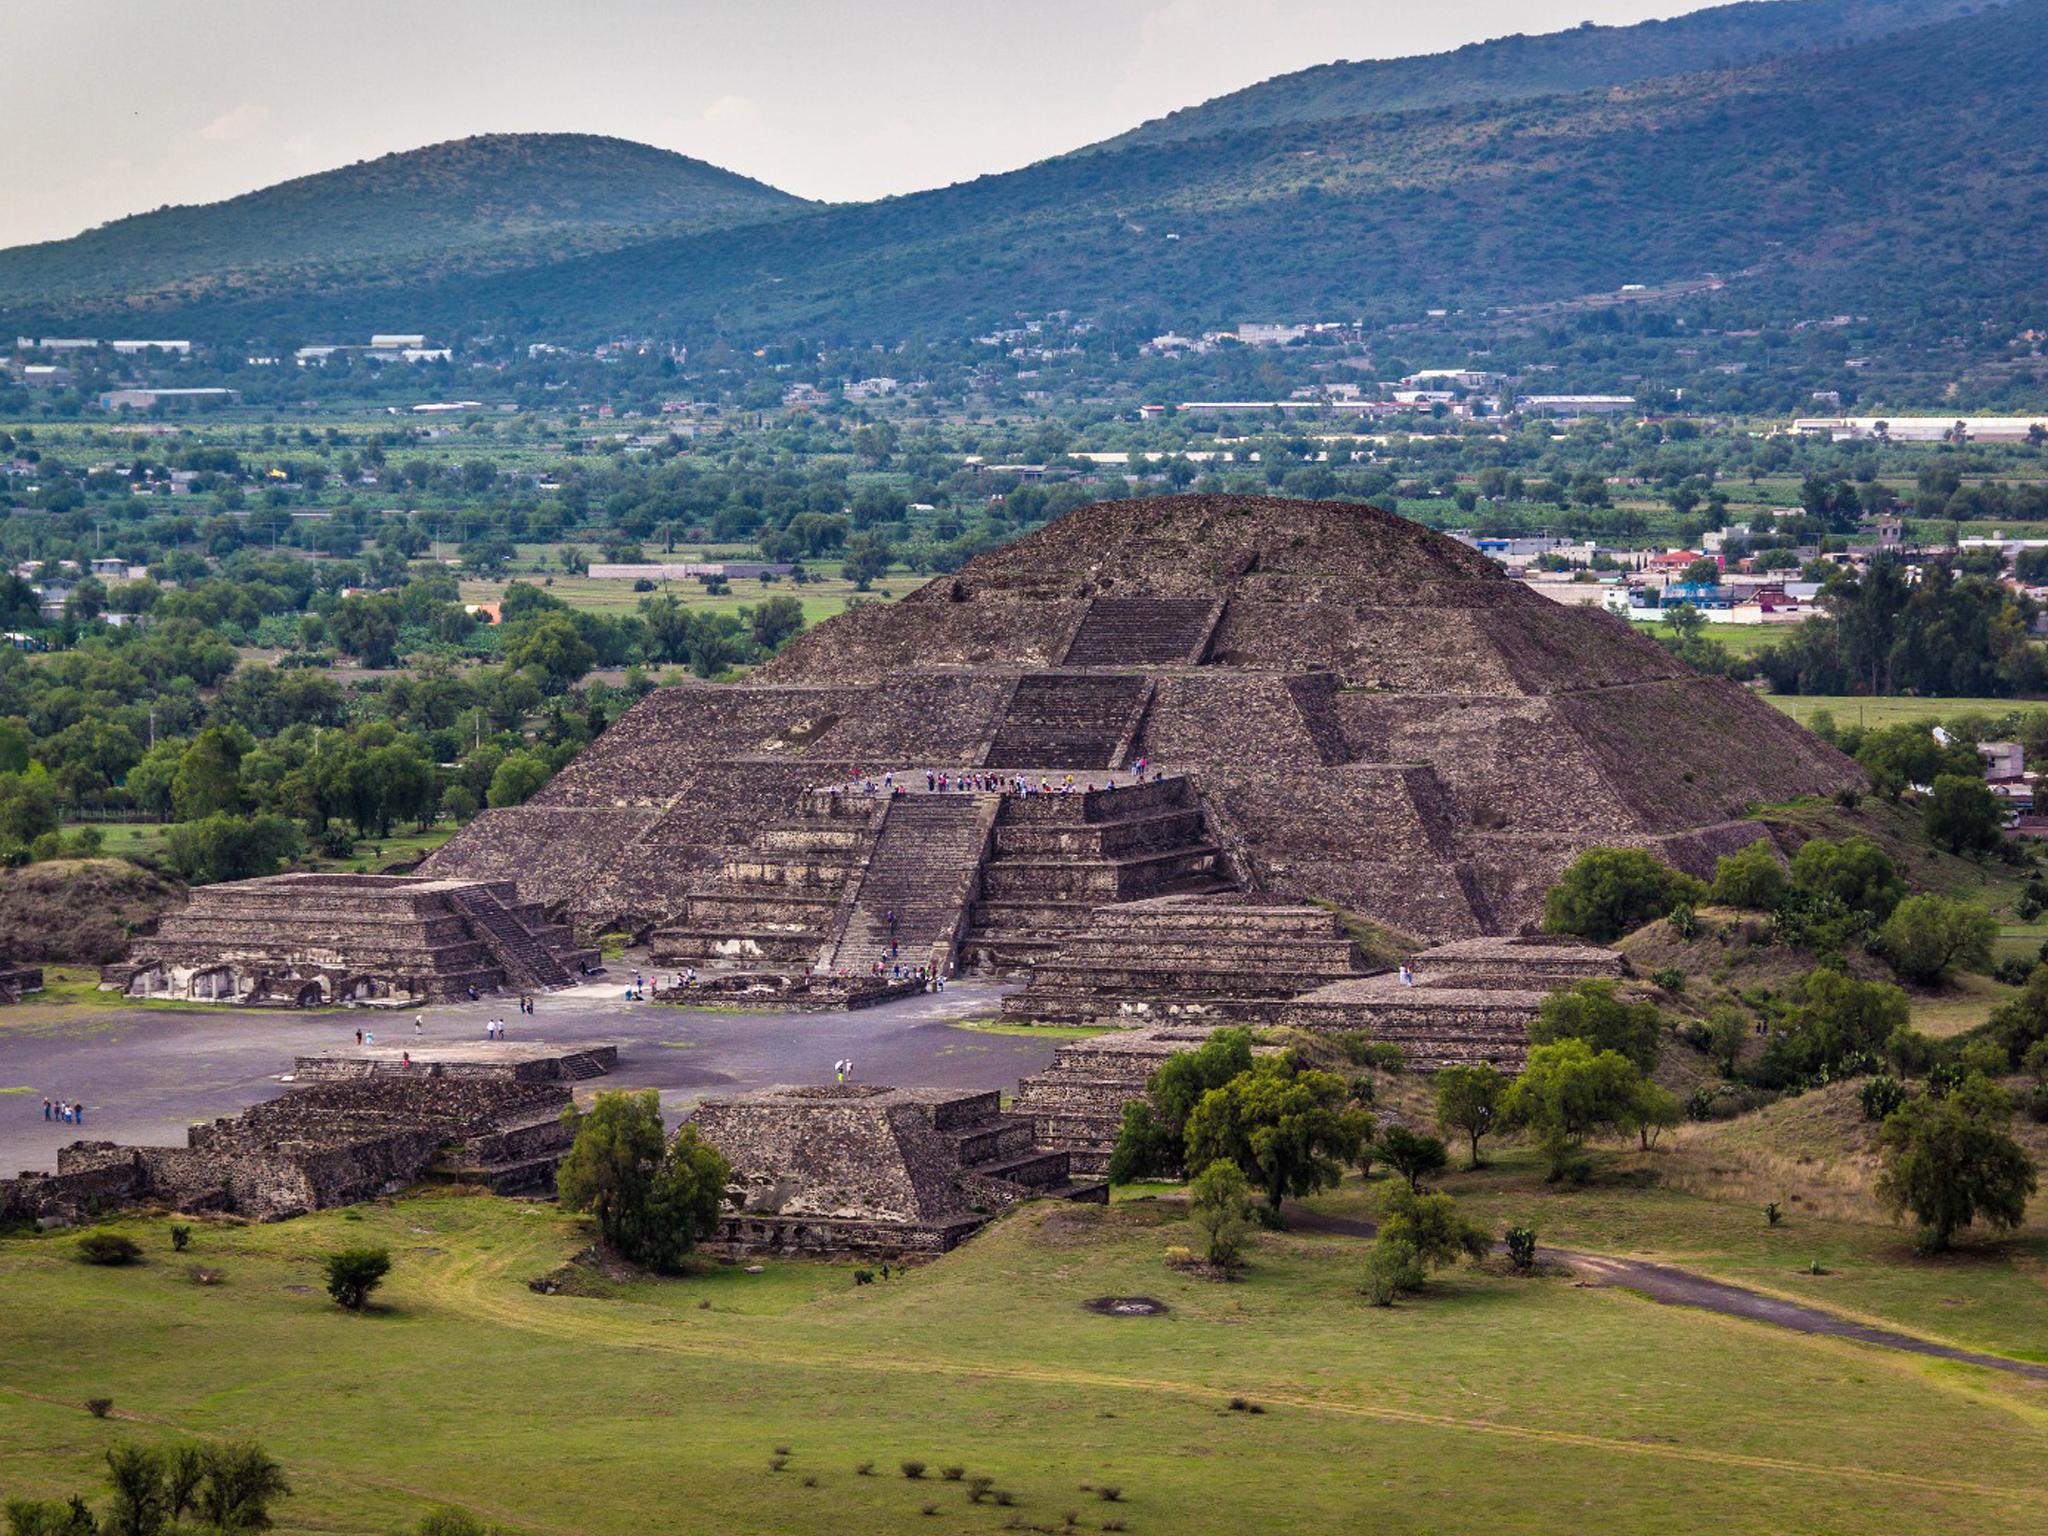 Qué hacer en Teotihuacán